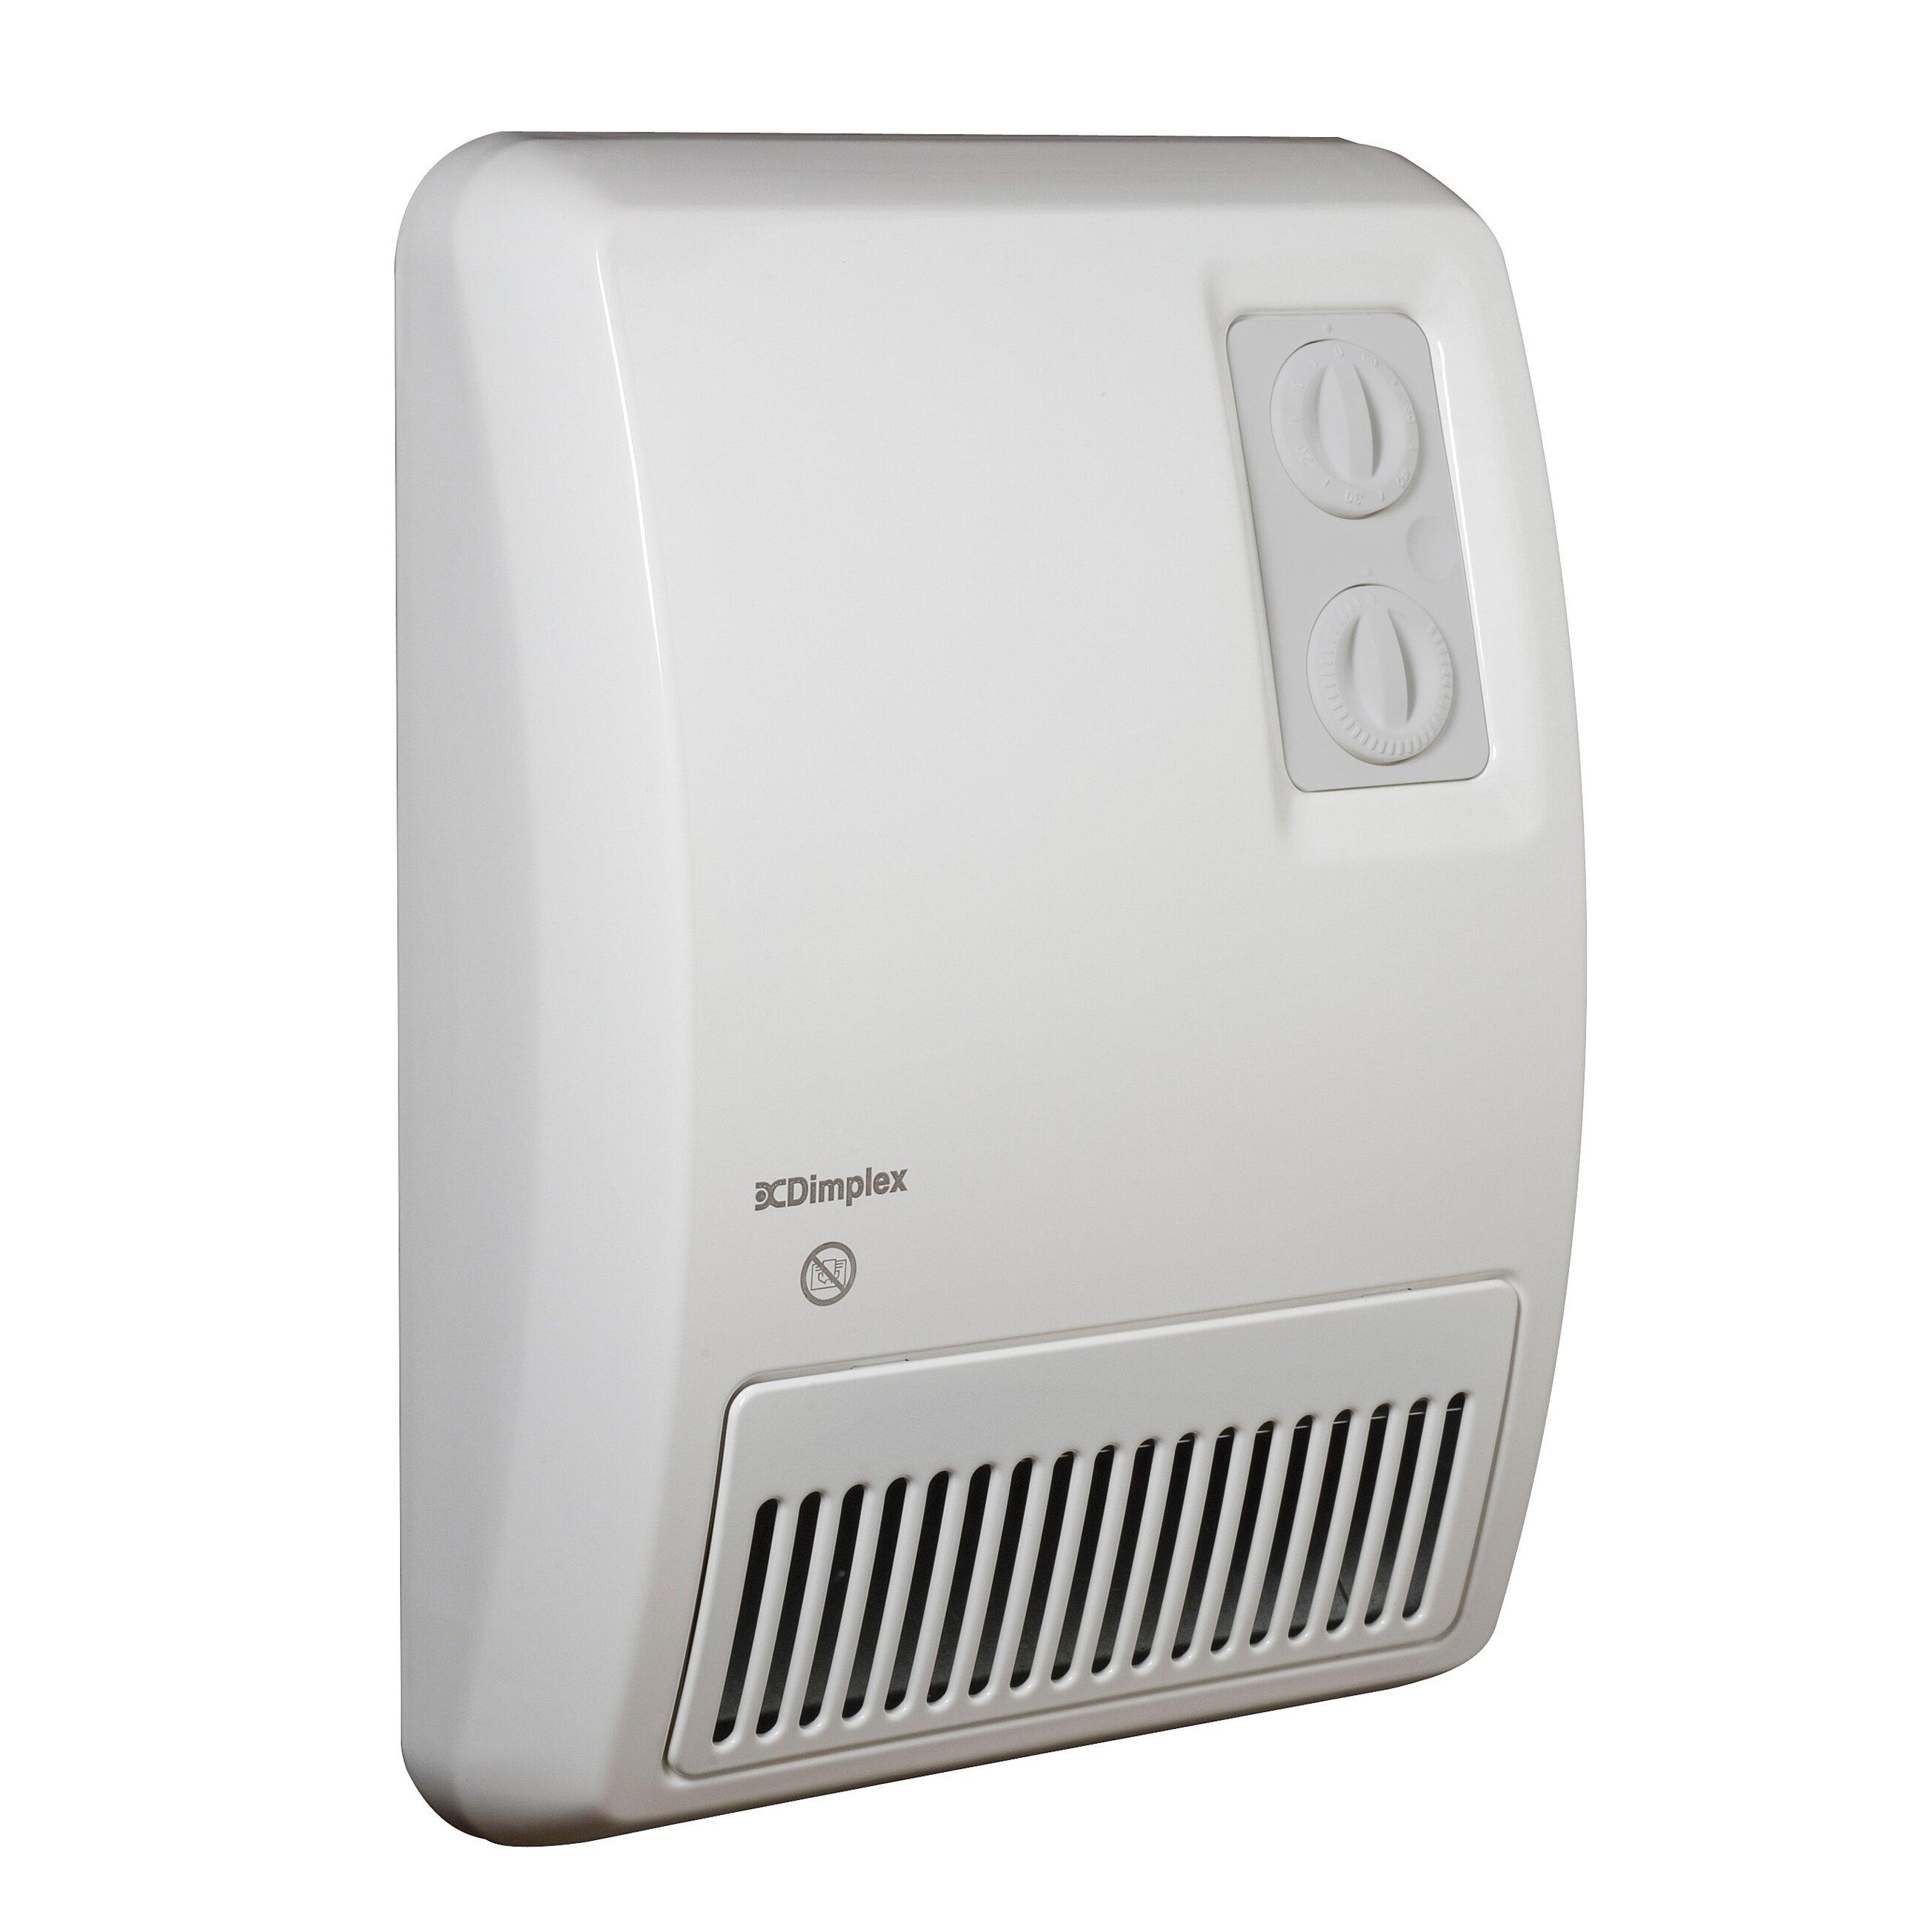 Dimplex 3 413 Btu Wall Insert Electric Fan Heater